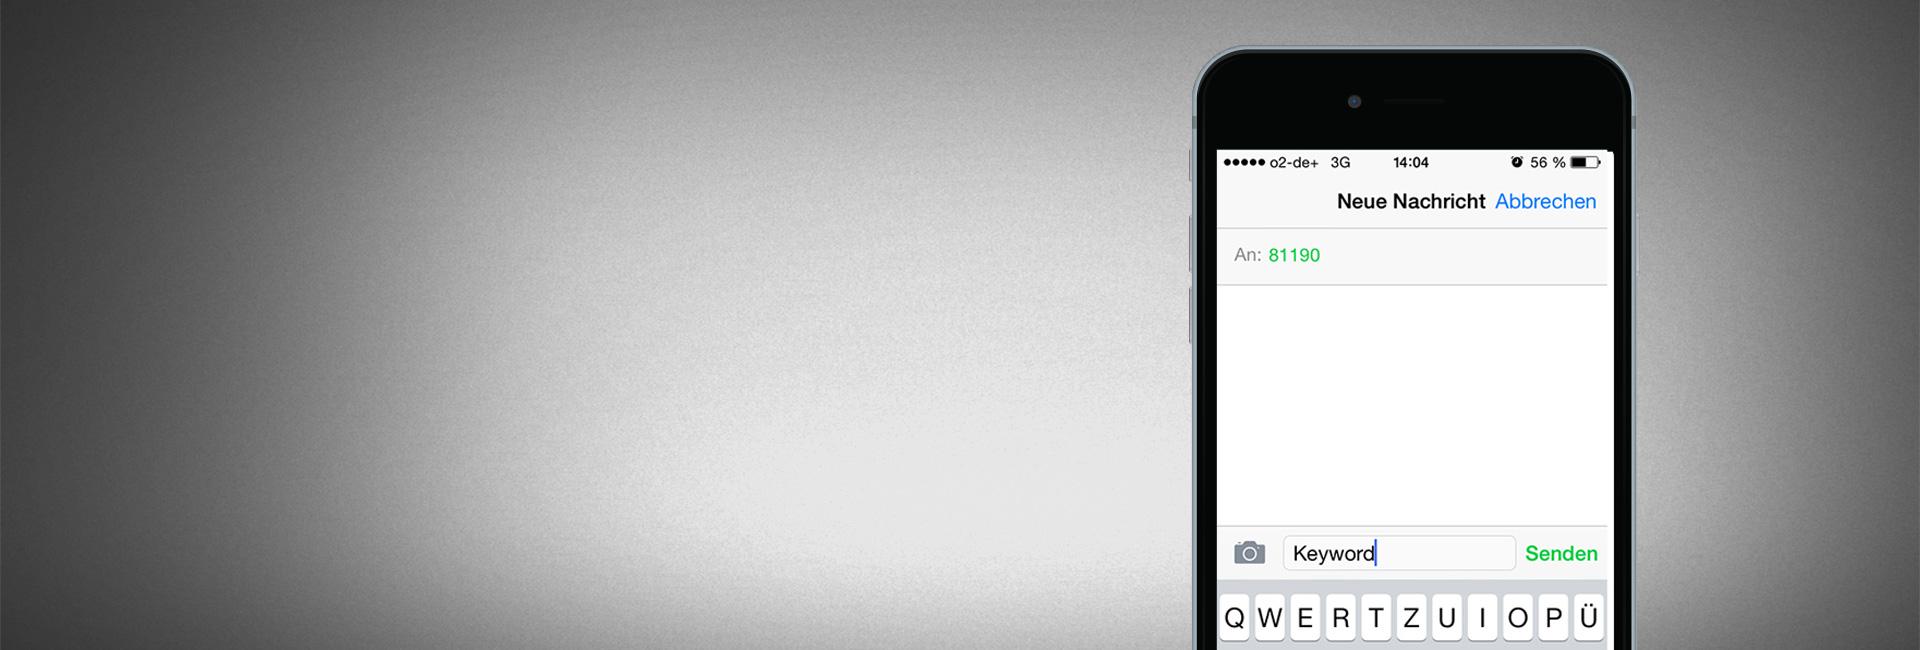 SMS-Spenden-Keyword buchen